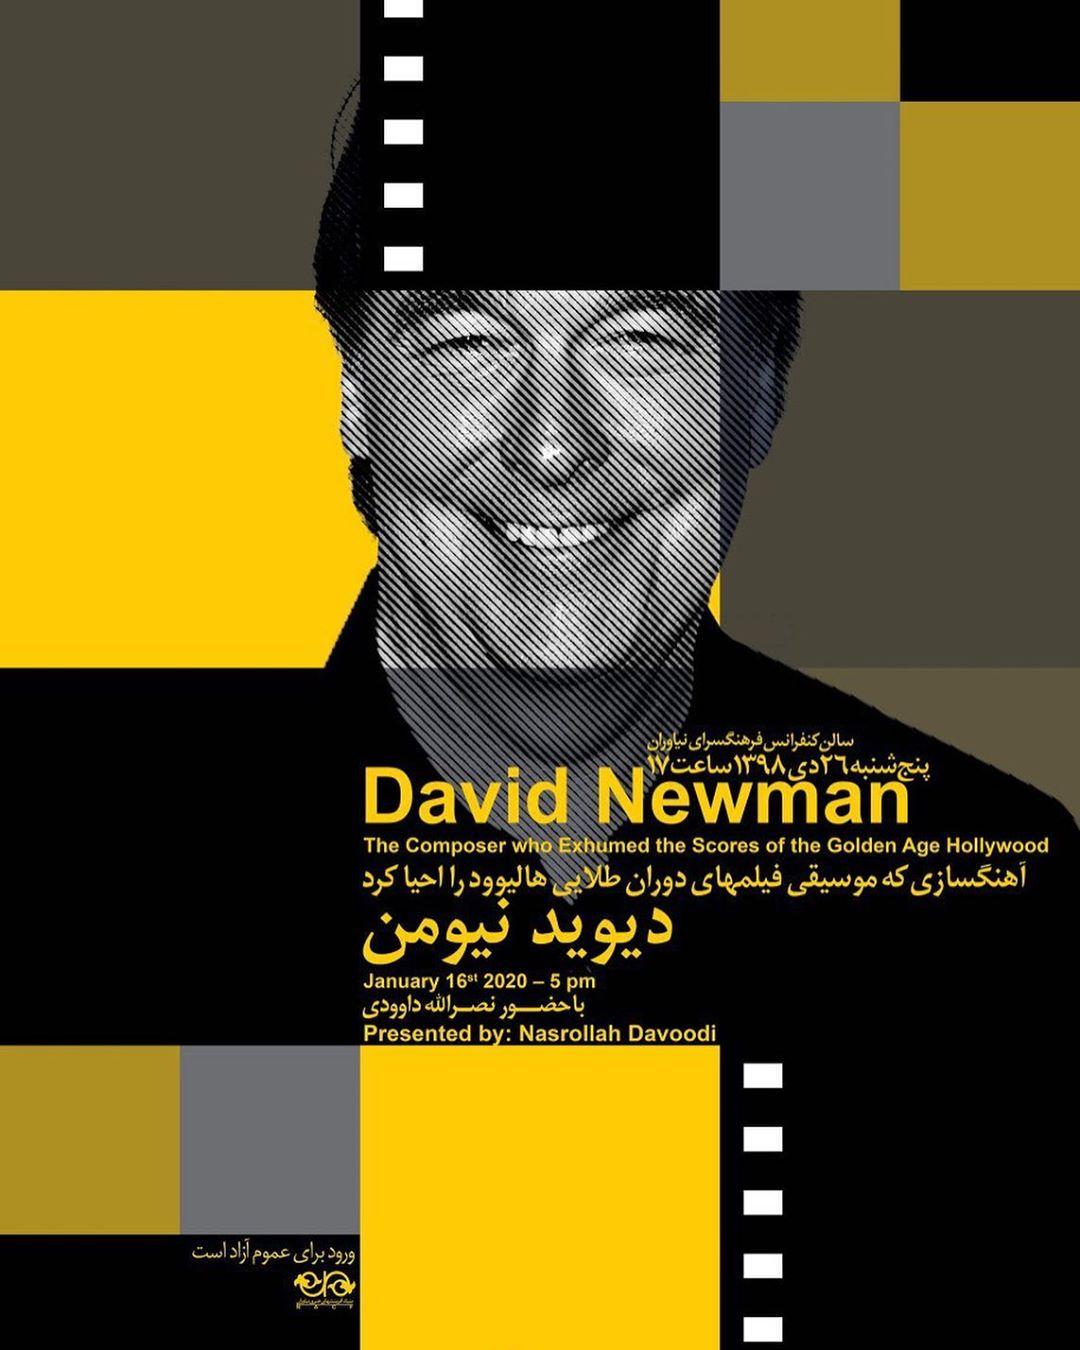 بررسی موسیقی فیلم دیوید نیومن